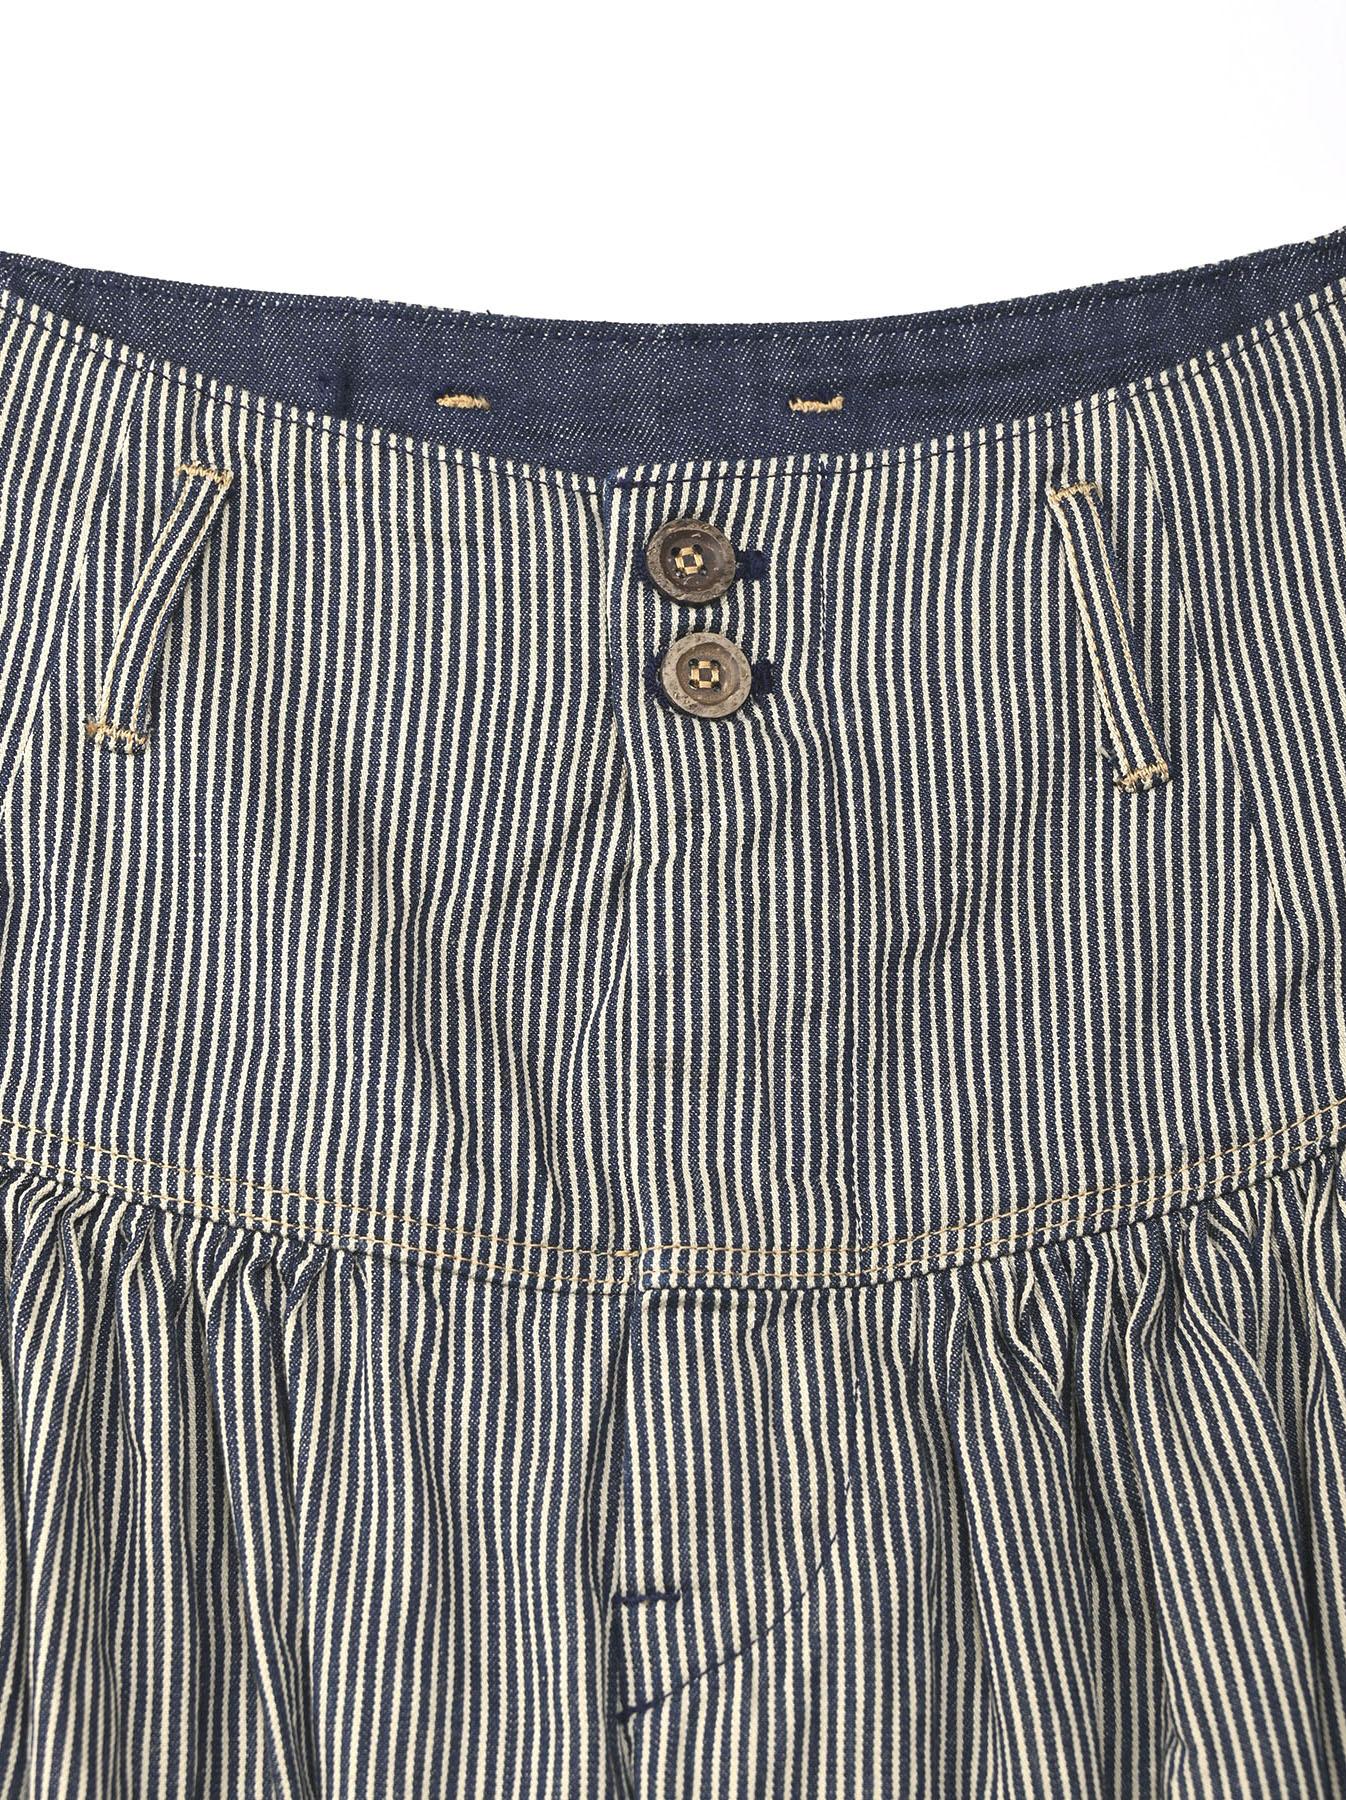 Denim Gathered Culottes Skirt(0721)-7